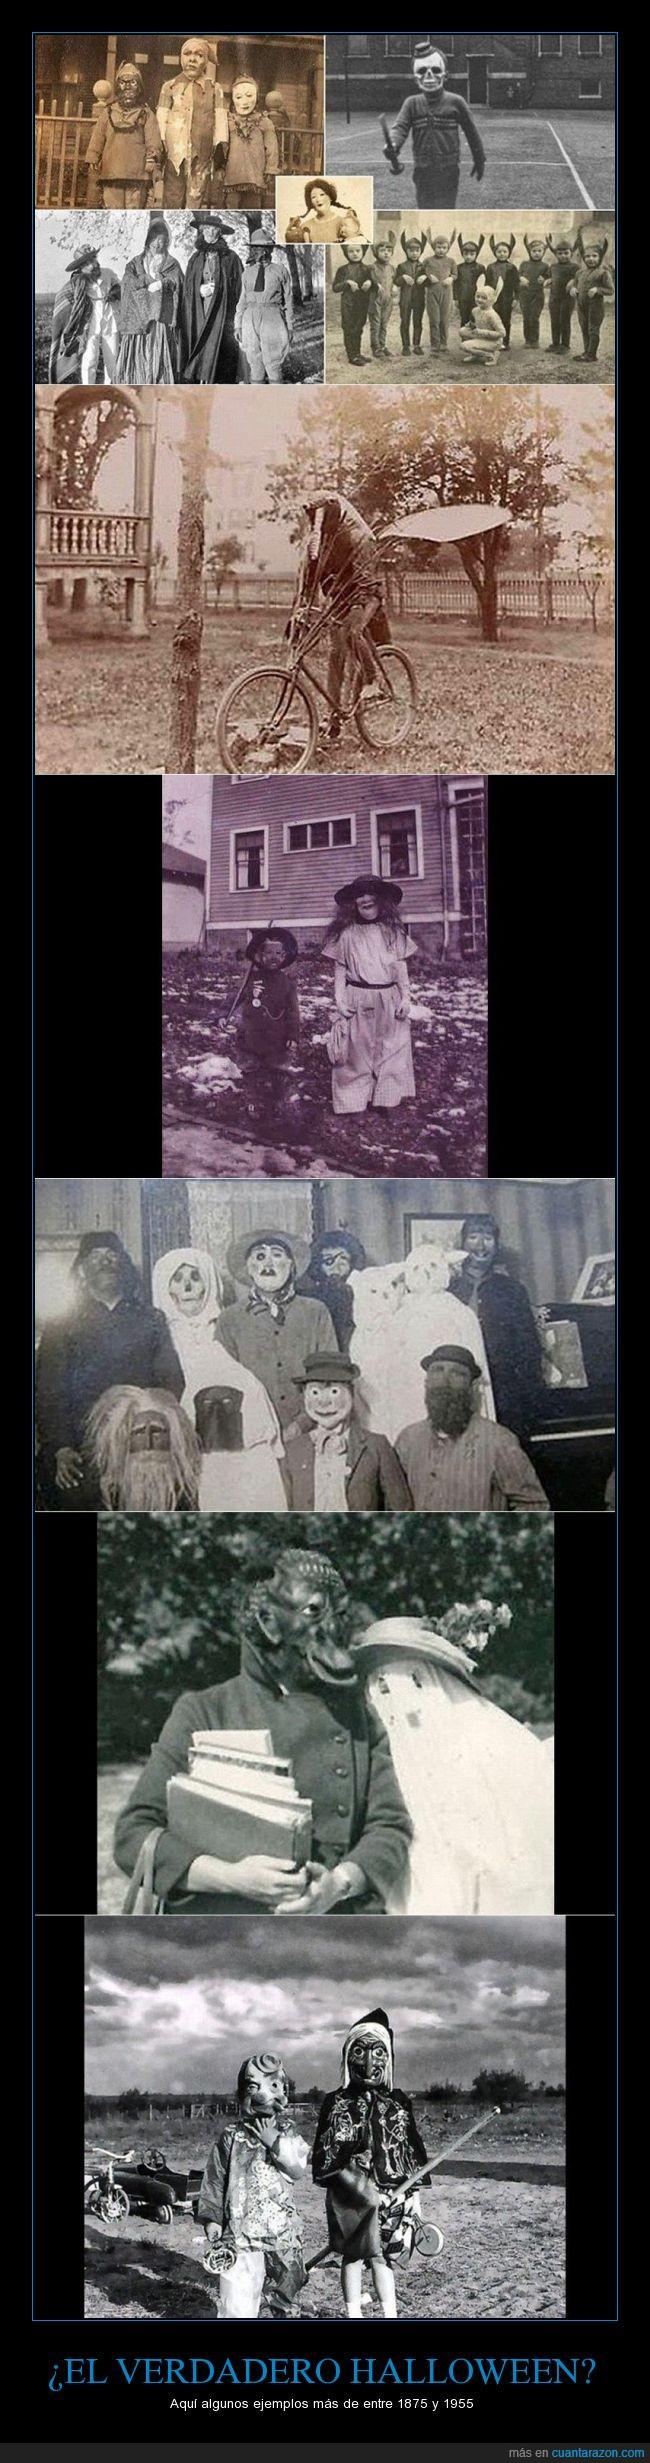 disfraces,Halloween,ingenio,Originales,tradición,trajes